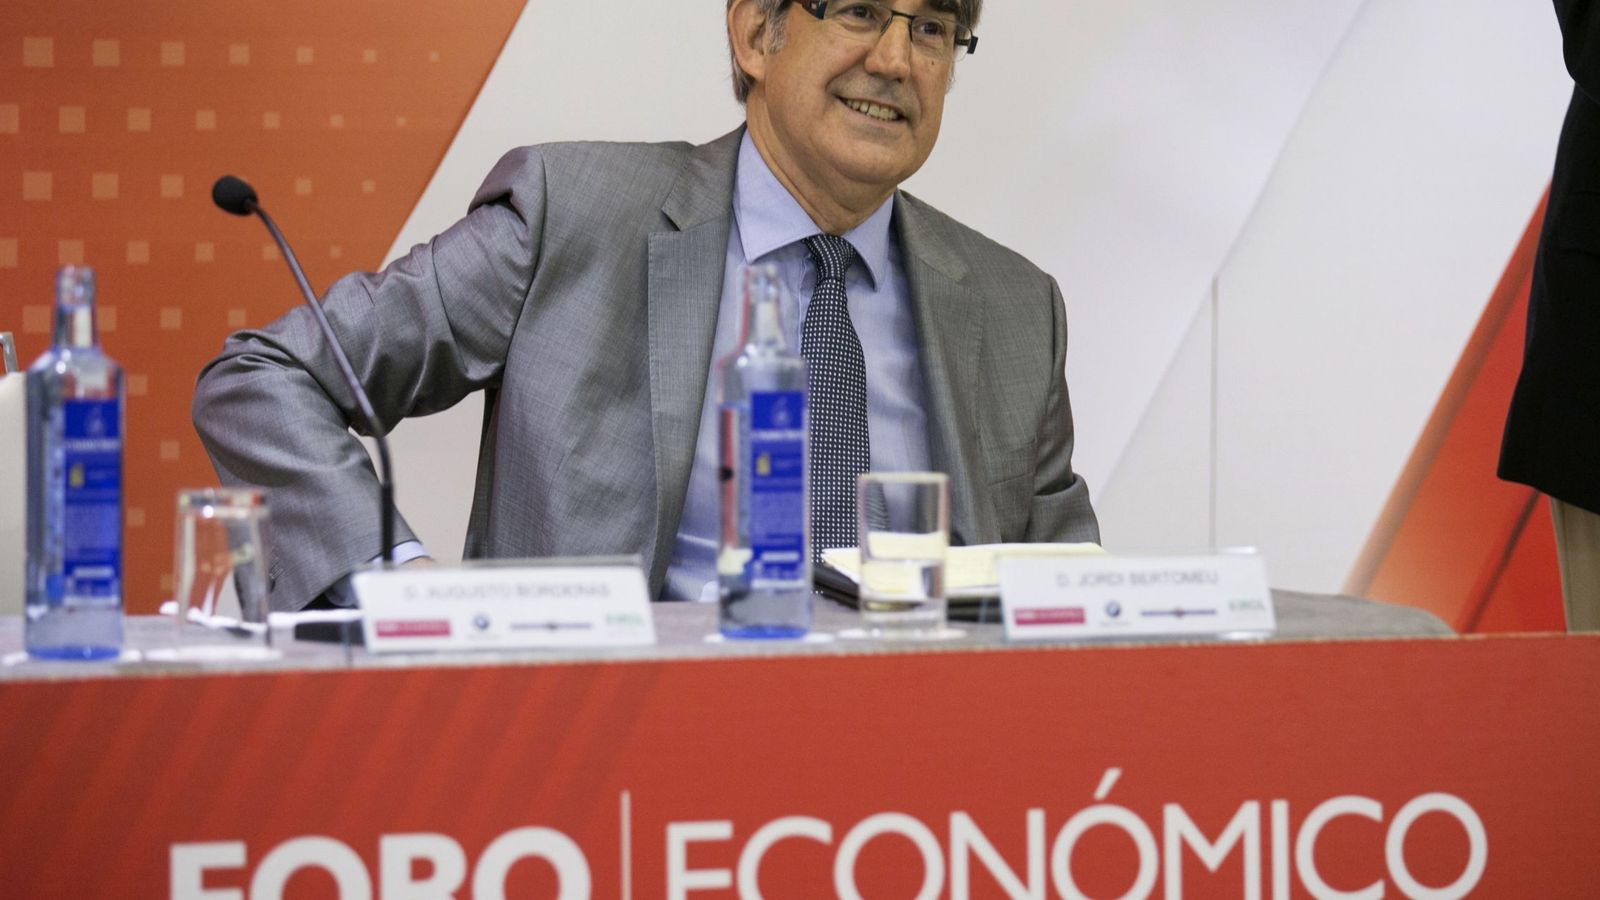 Foto: Jordi Bertomeu, CEO de la Euroliga. (EFE)